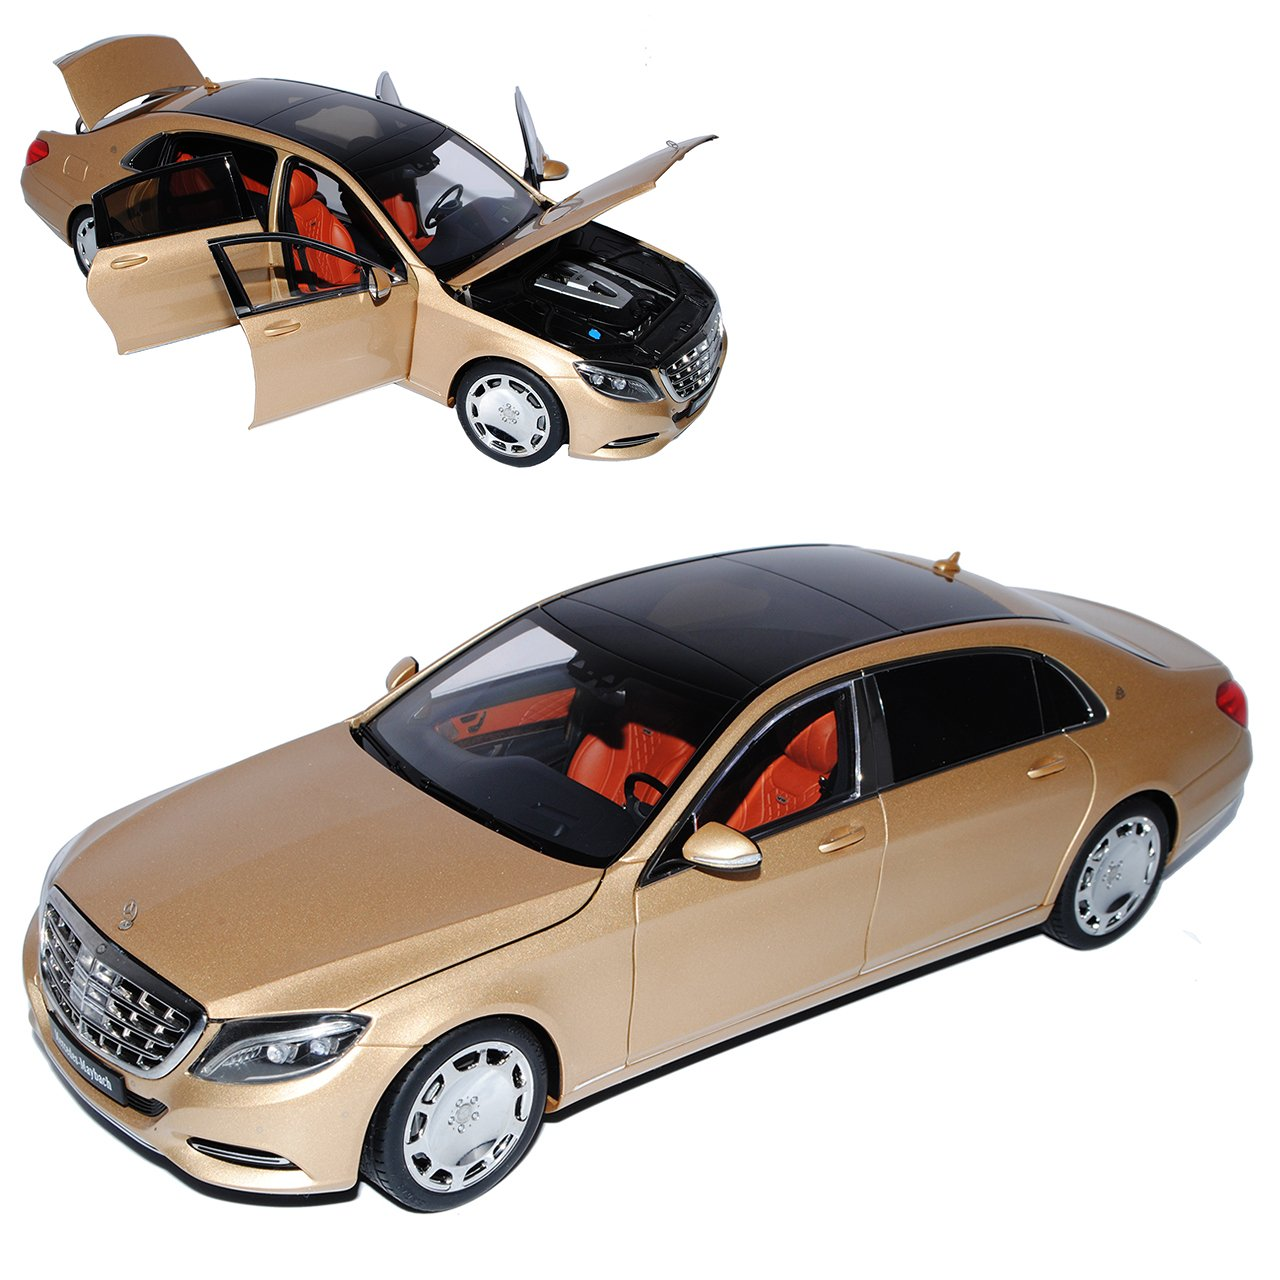 AUTOart Mercedes-Benz S-Klasse W222 Maybach S600 Champagner Gold Ab 2015 76294 1/18 Modell Auto mit individiuellem Wunschkennzeichen